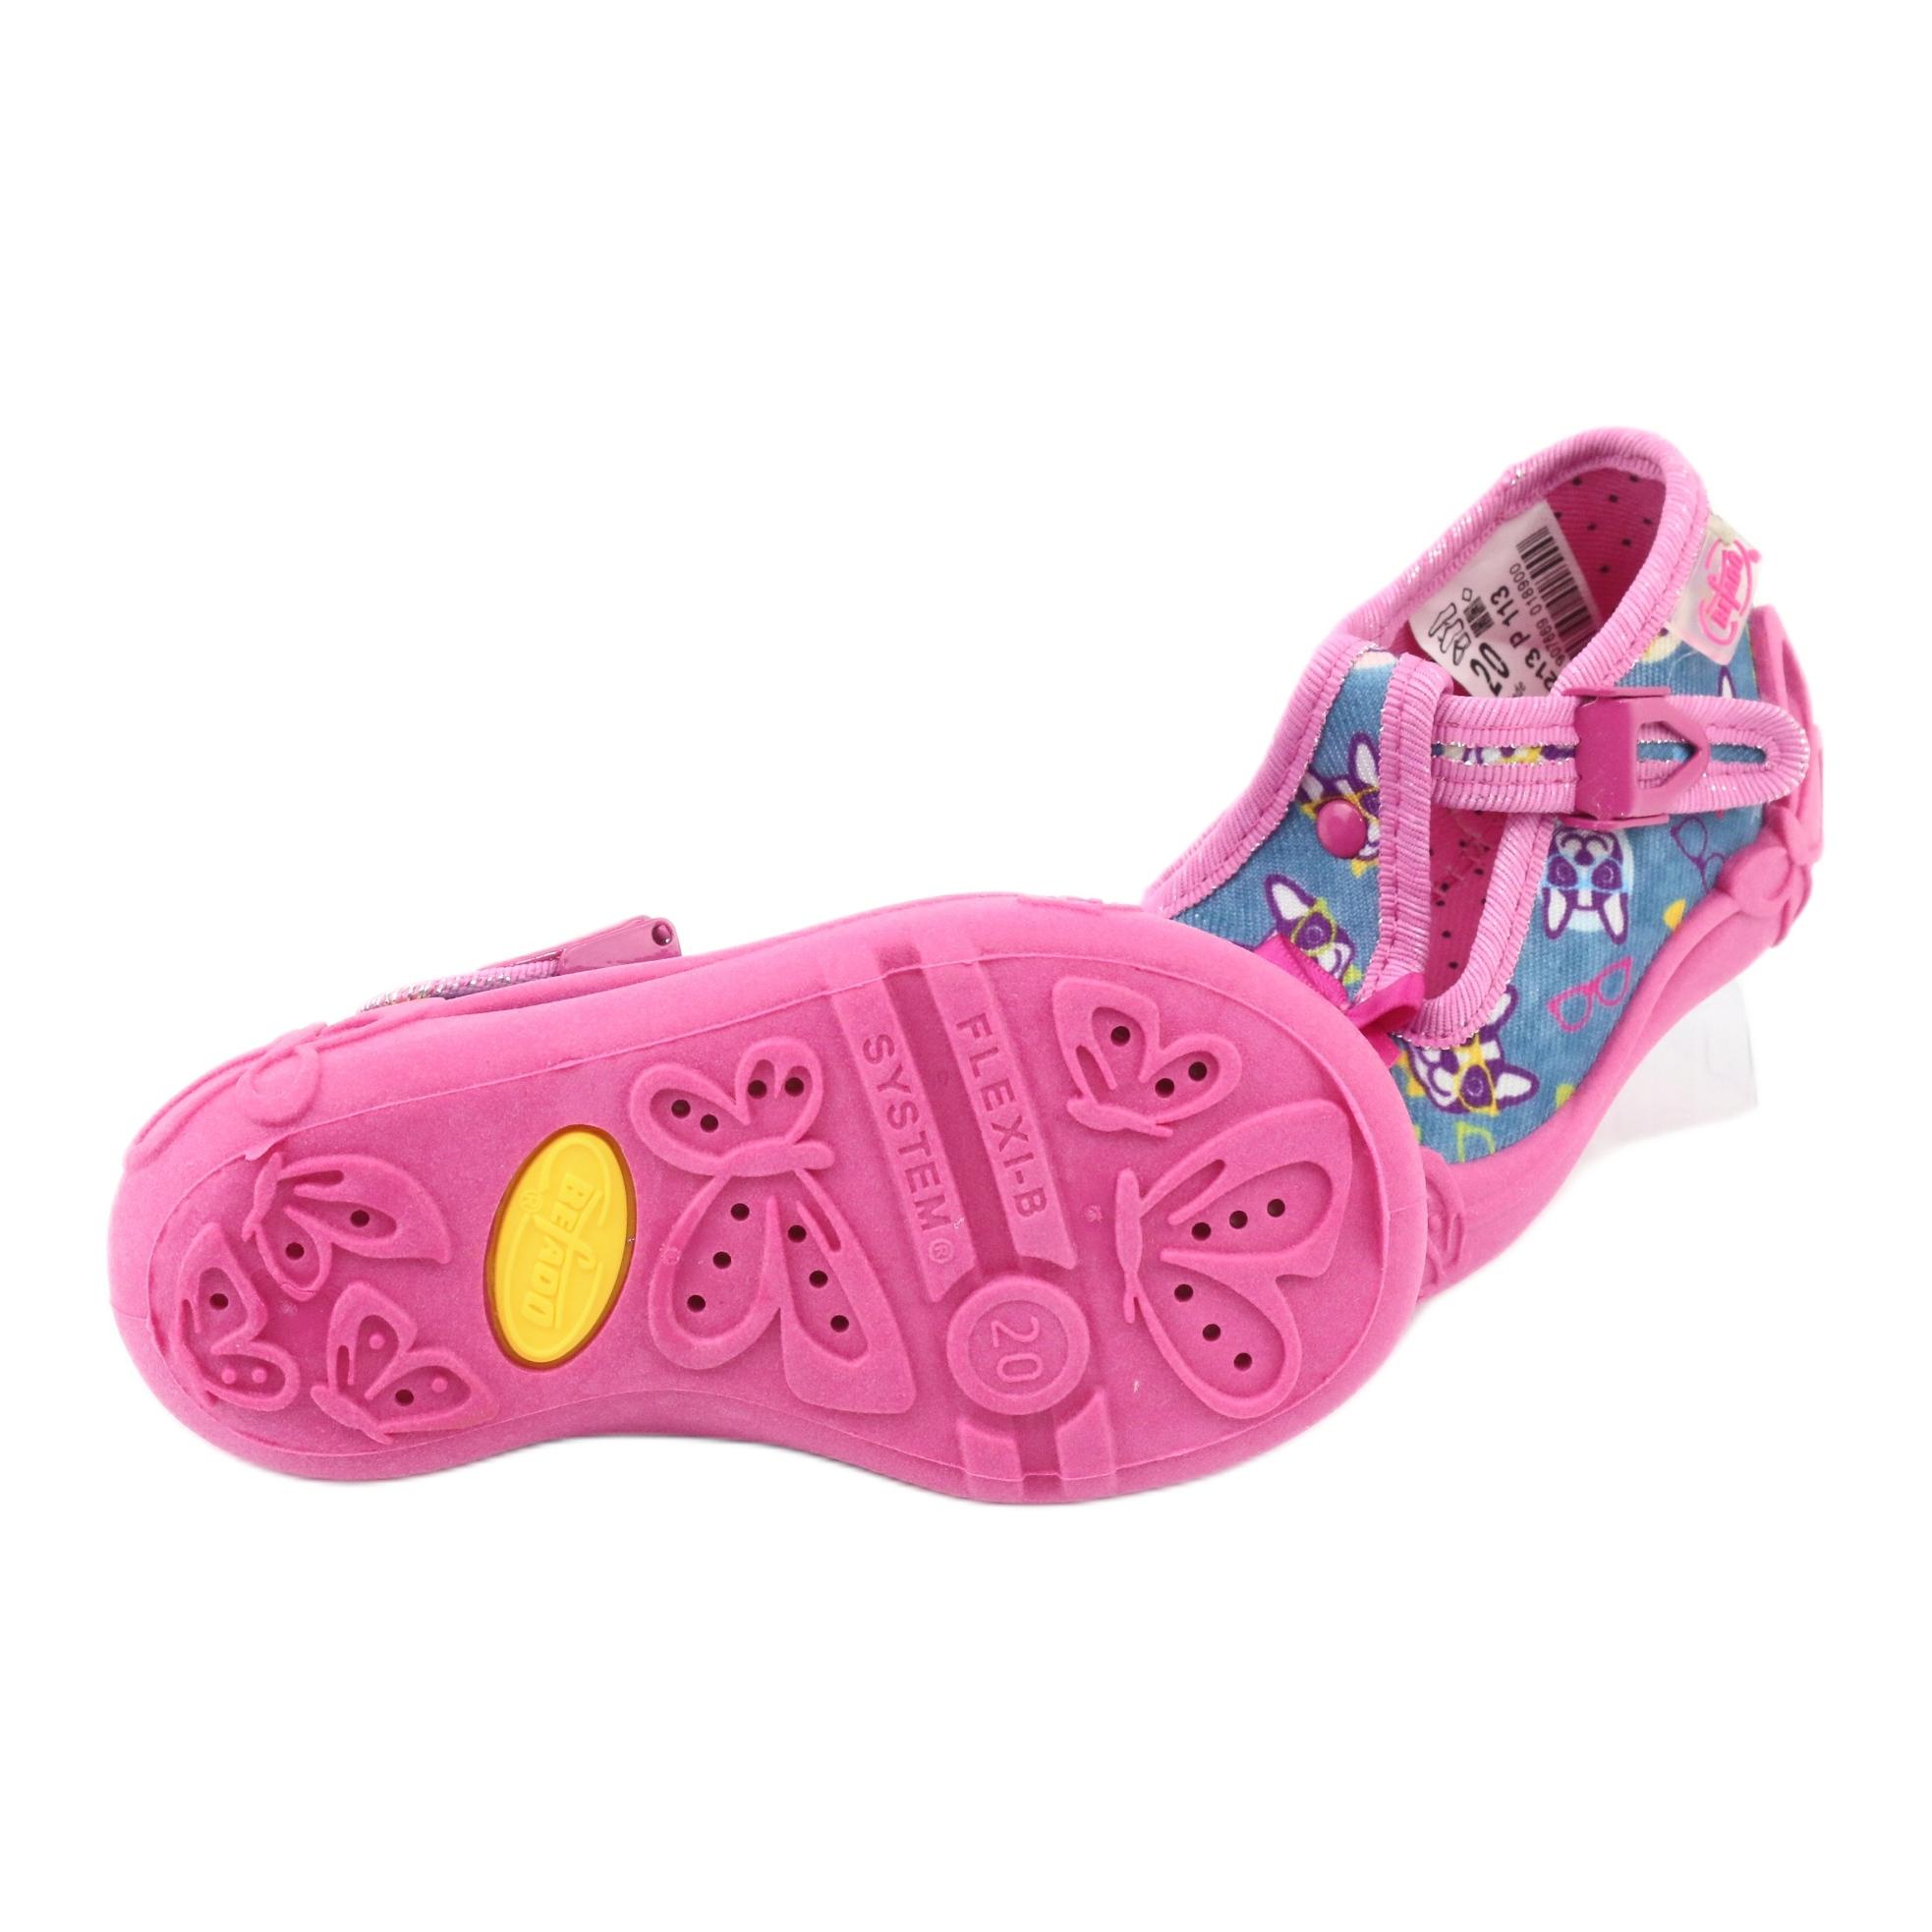 miniatura 7 - Scarpe per bambini rosa Befado 213P113 blu multicolore